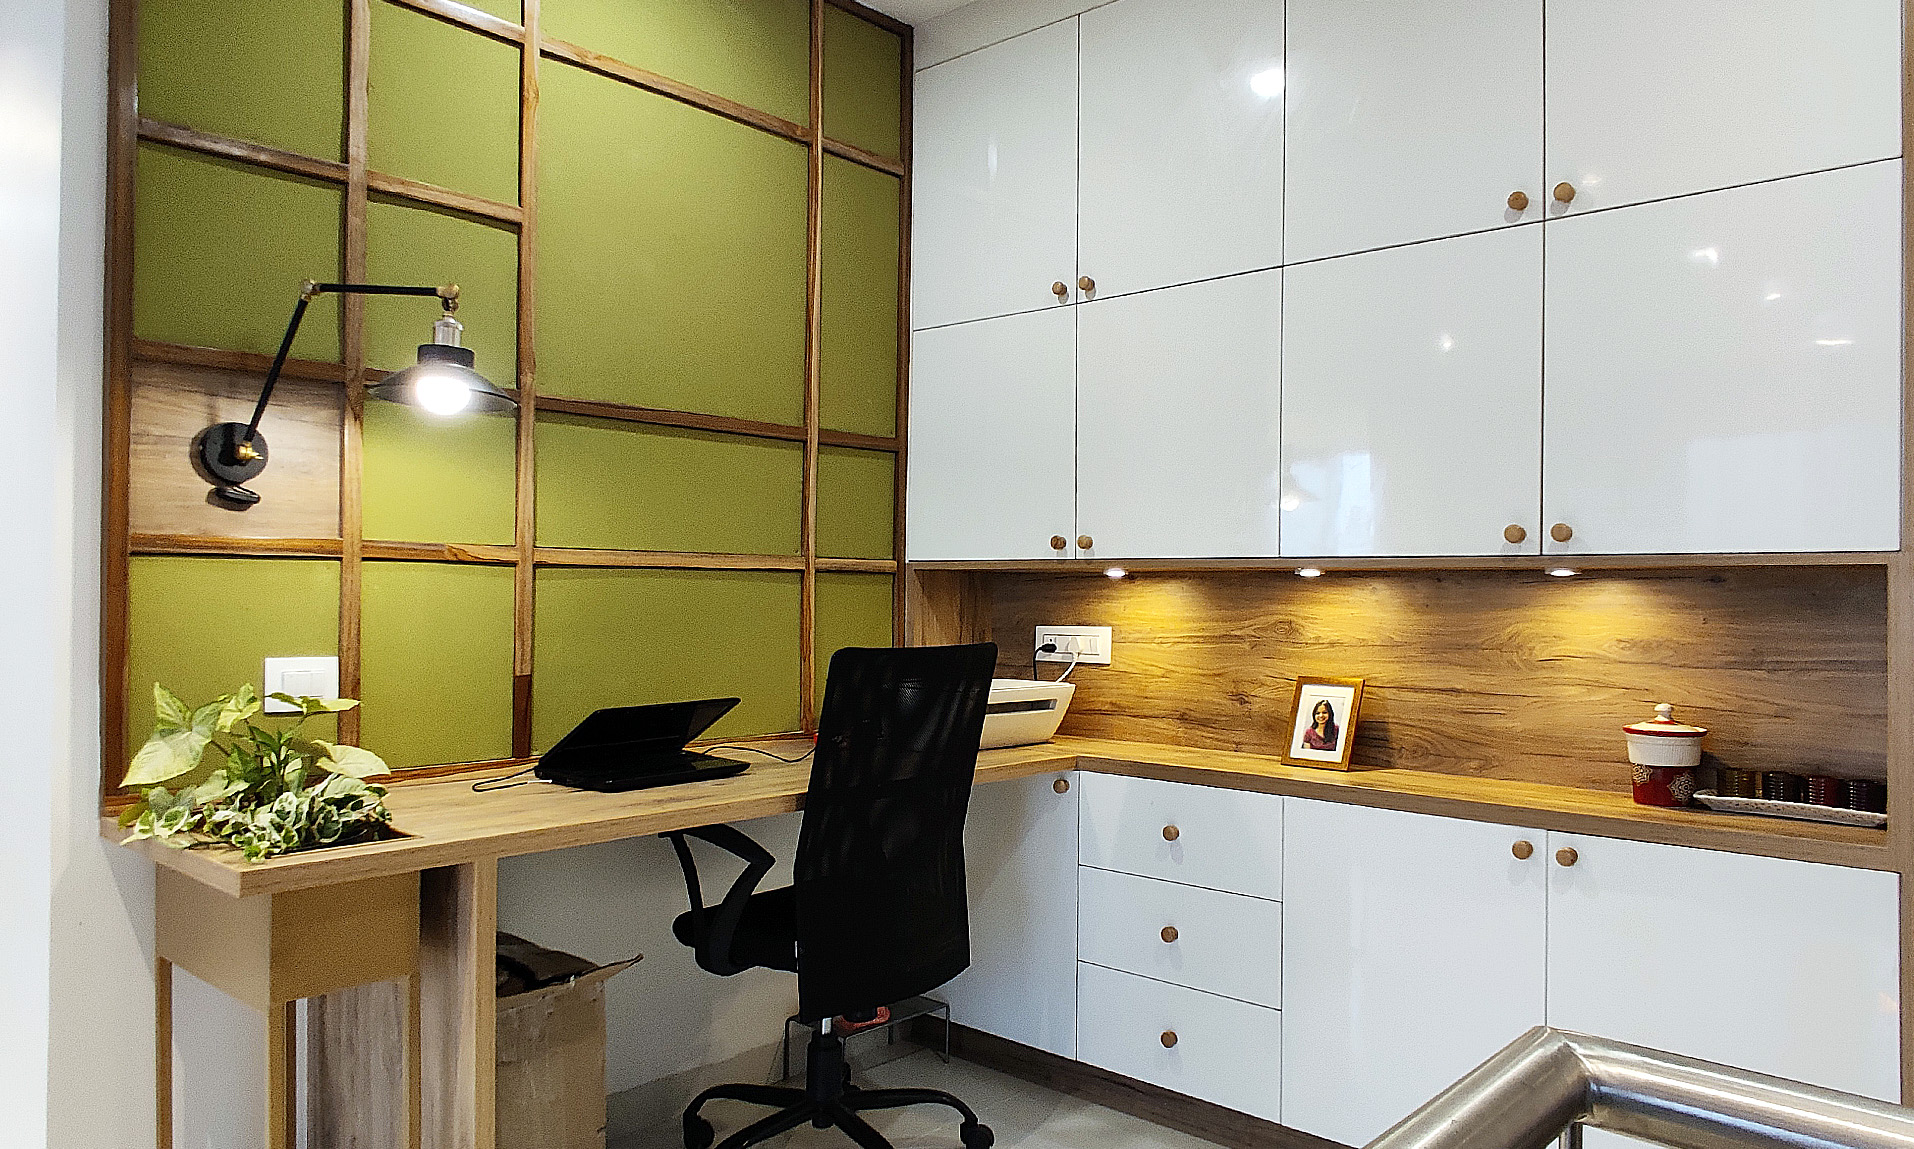 apartment study space design